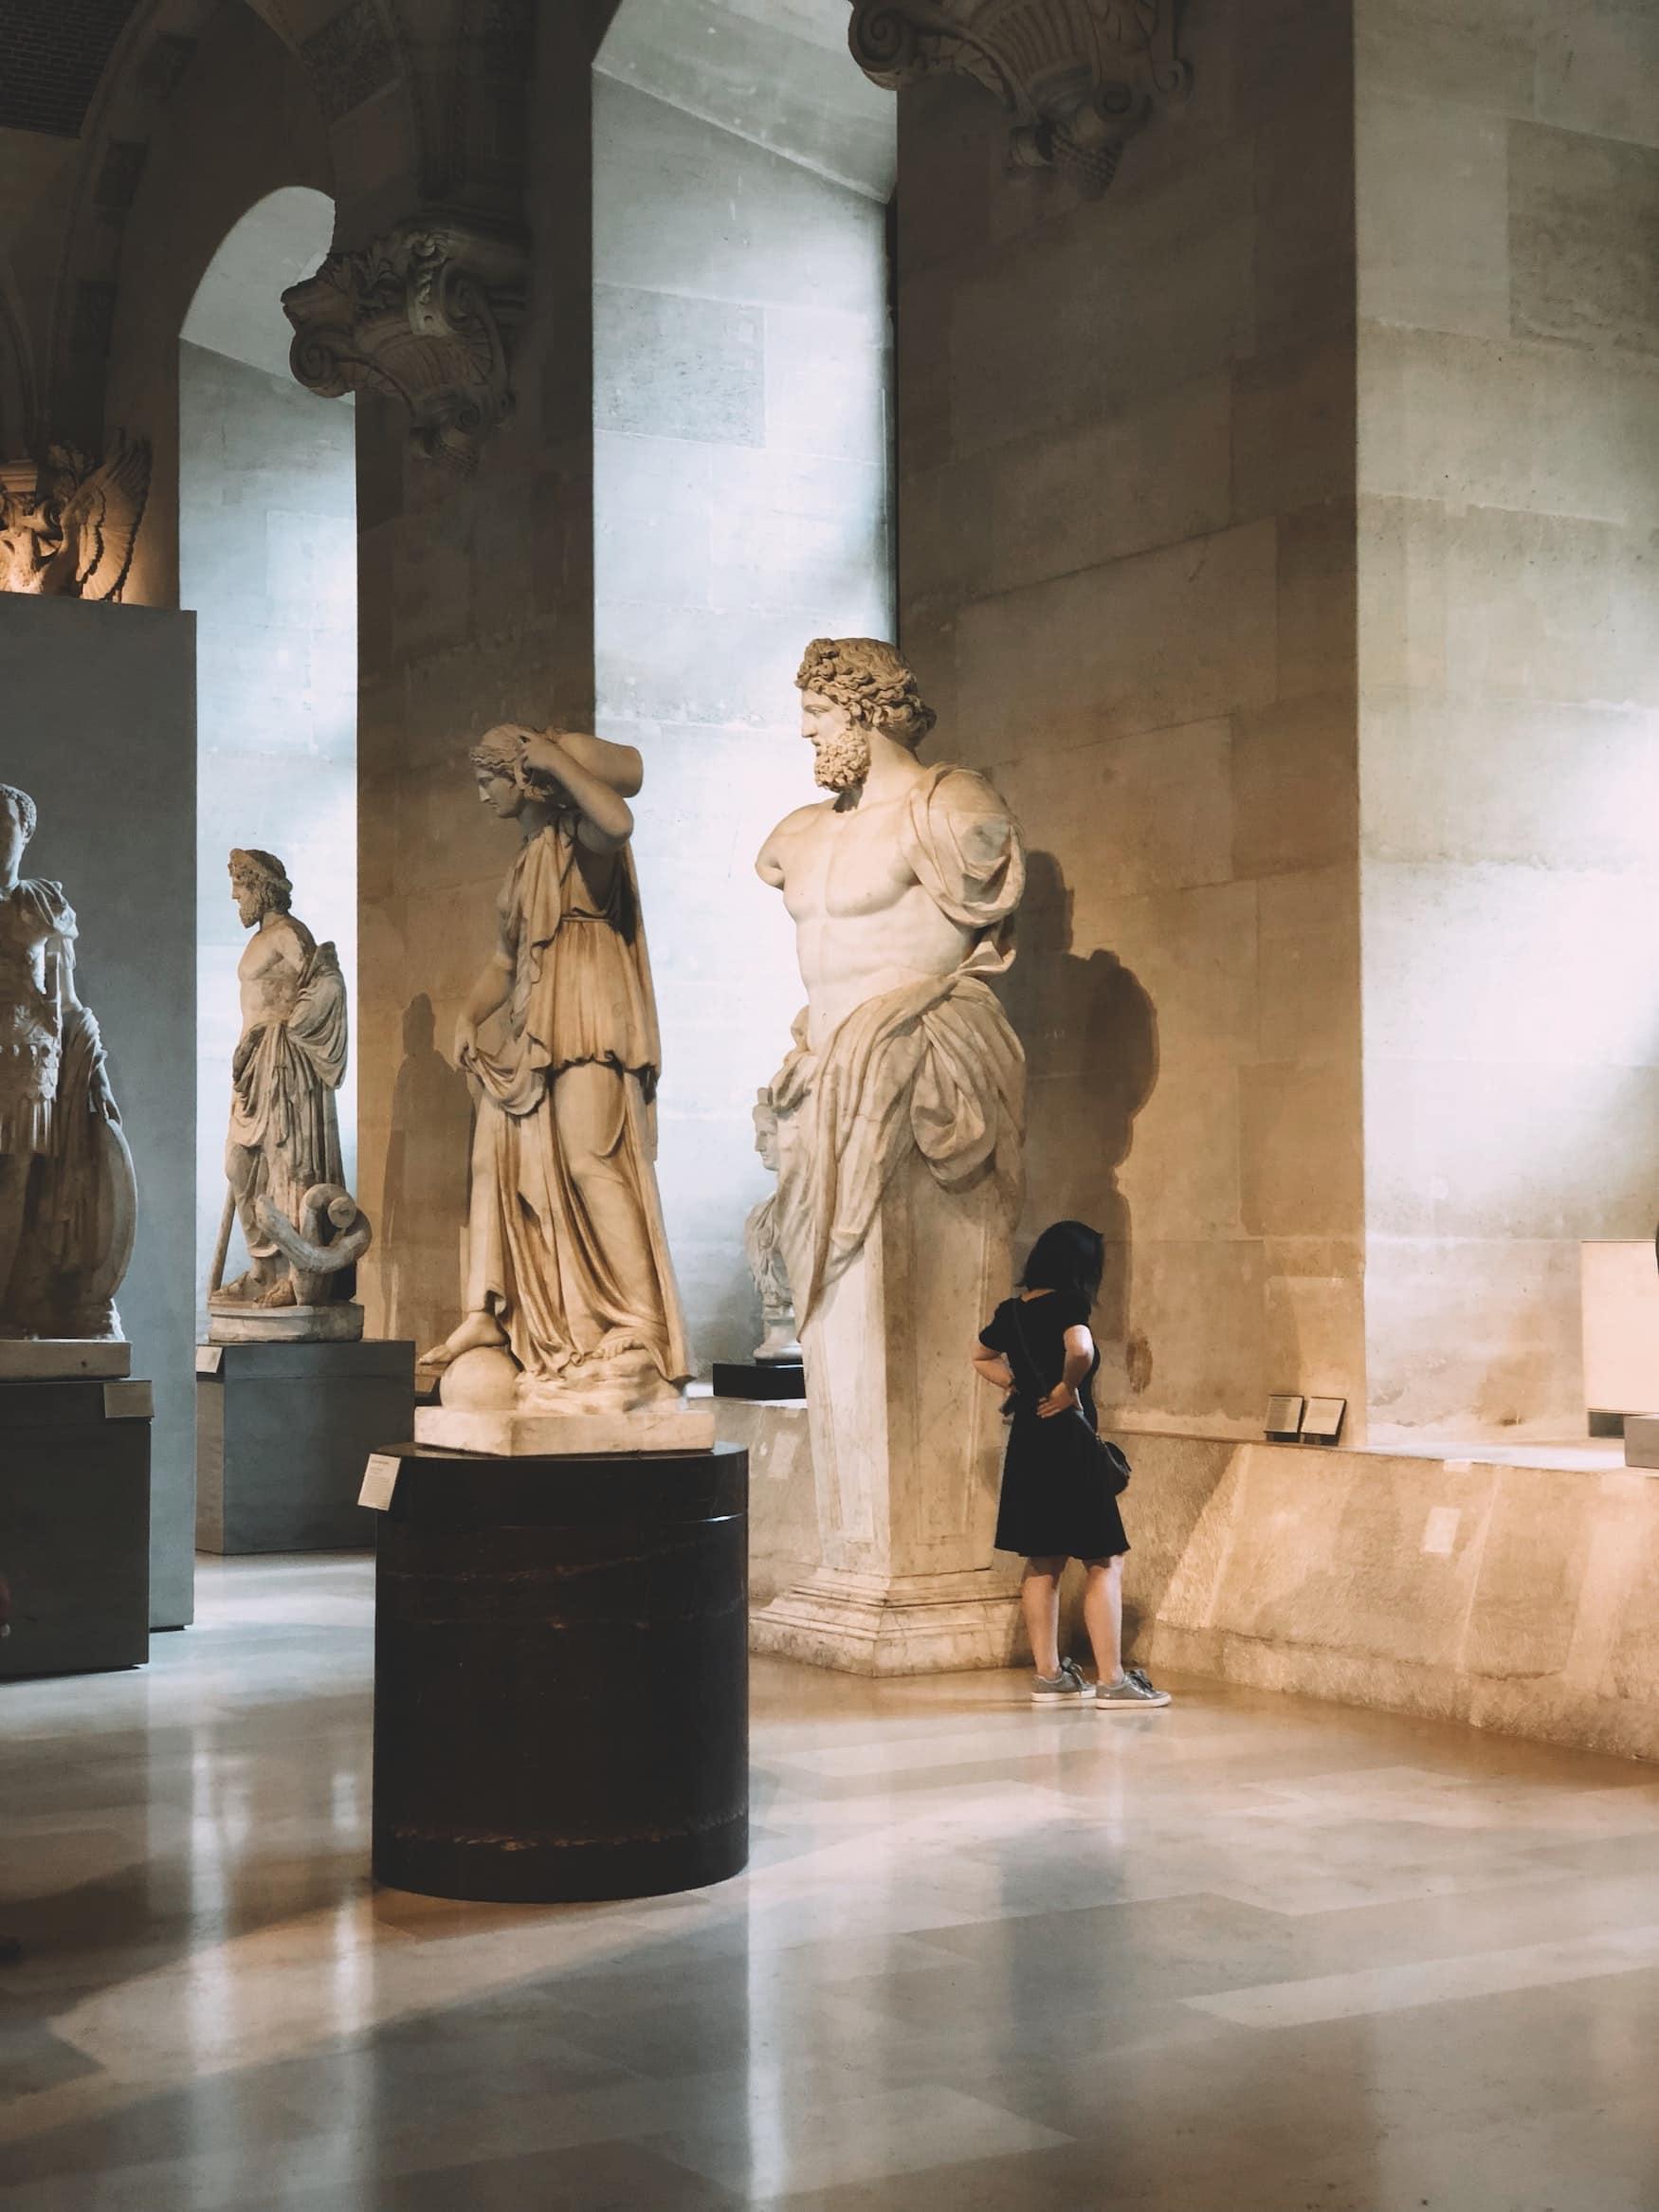 Besucherin guckt sich Statuen im Louvre in Paris an